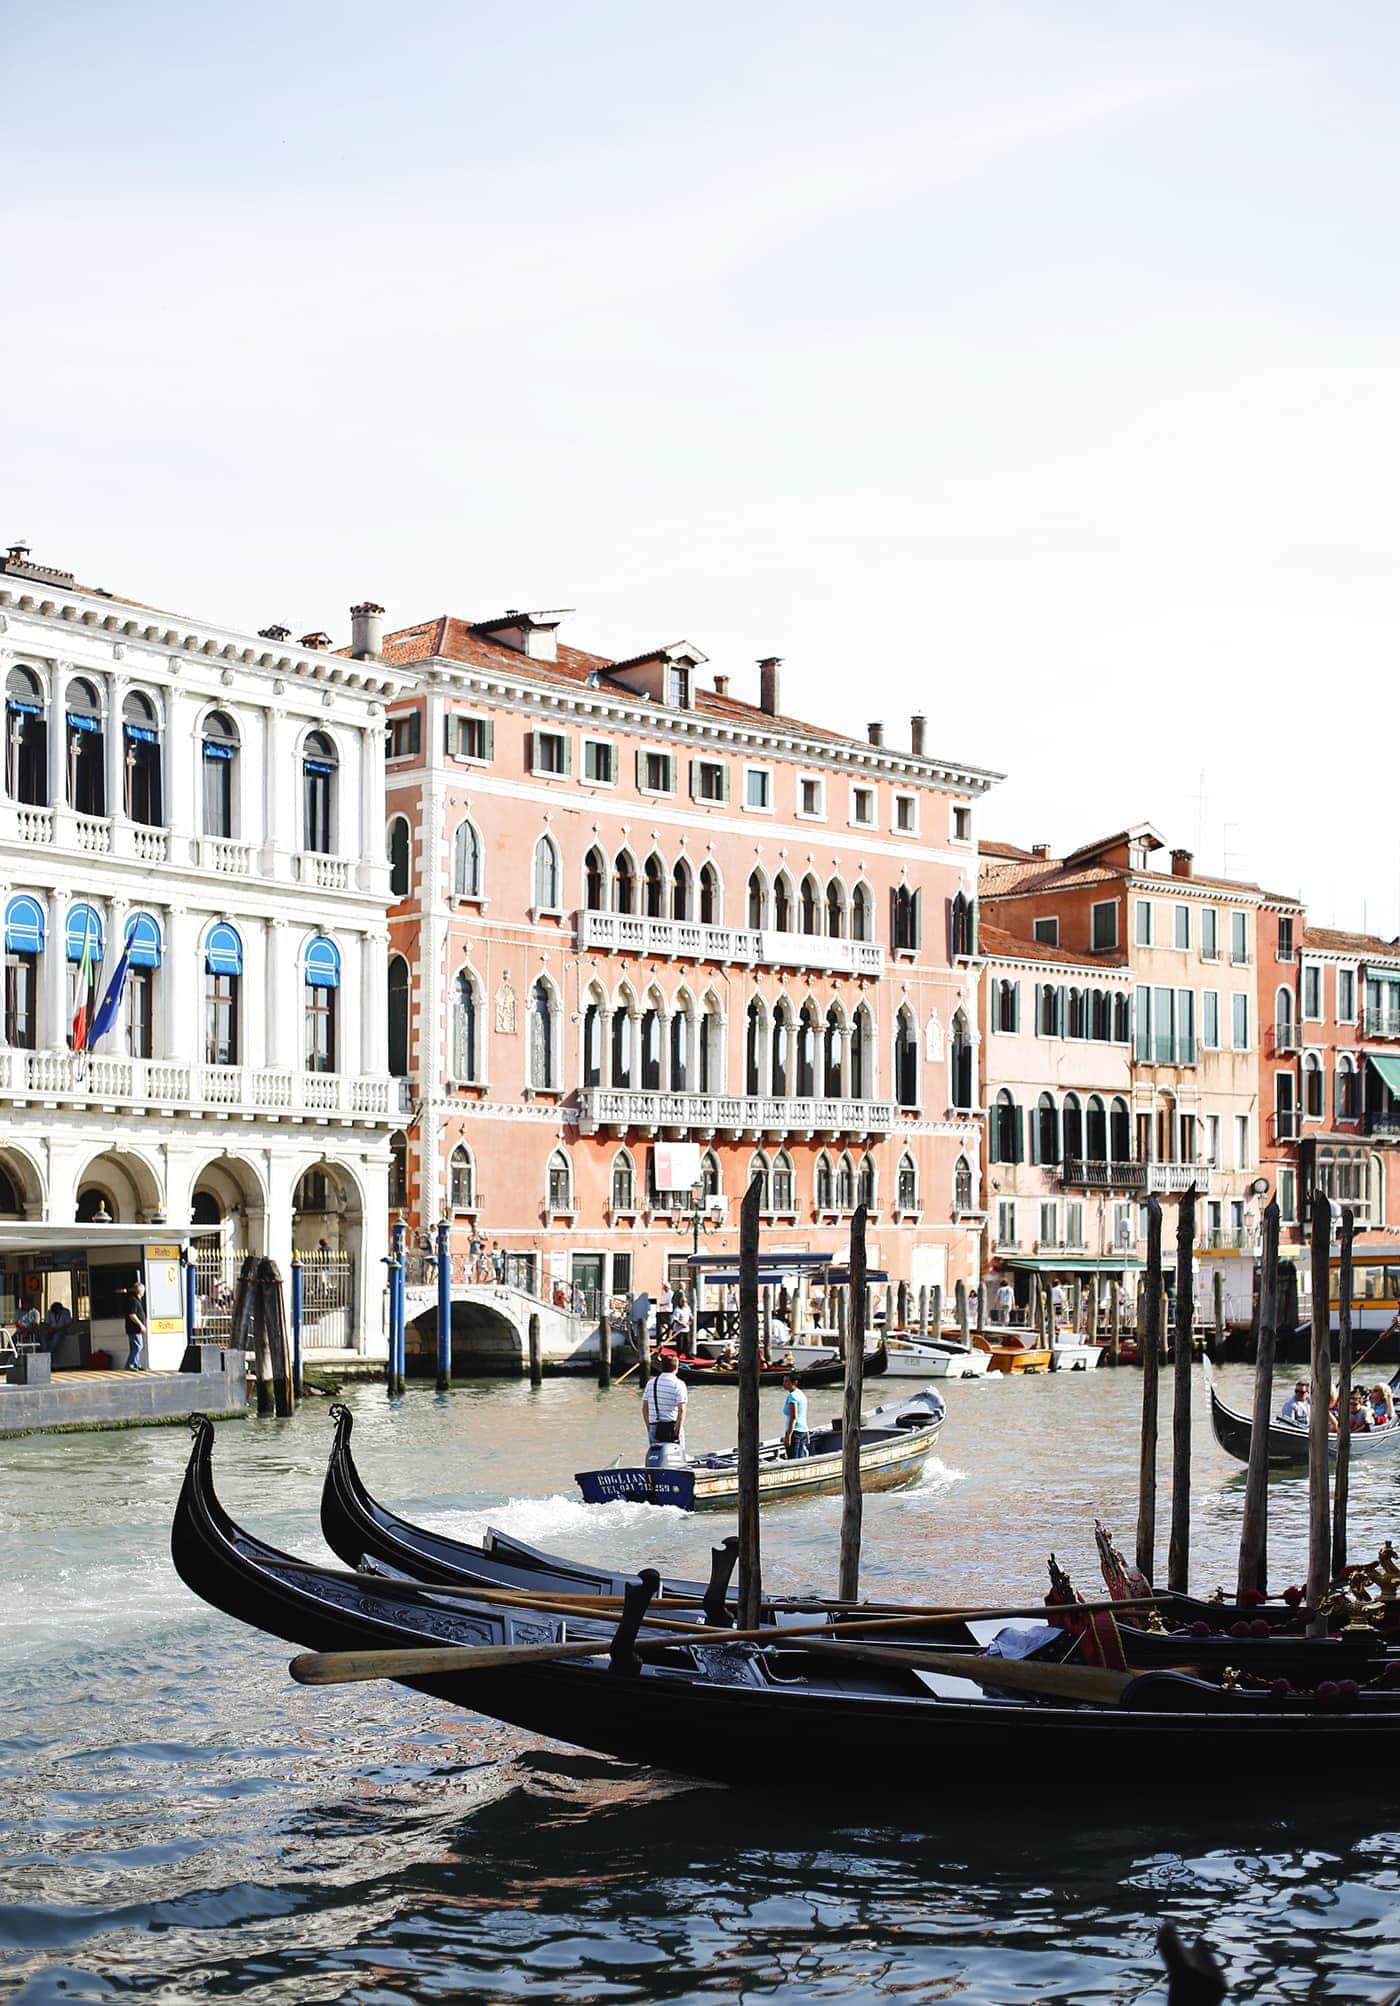 Jo malone Venice trip 22